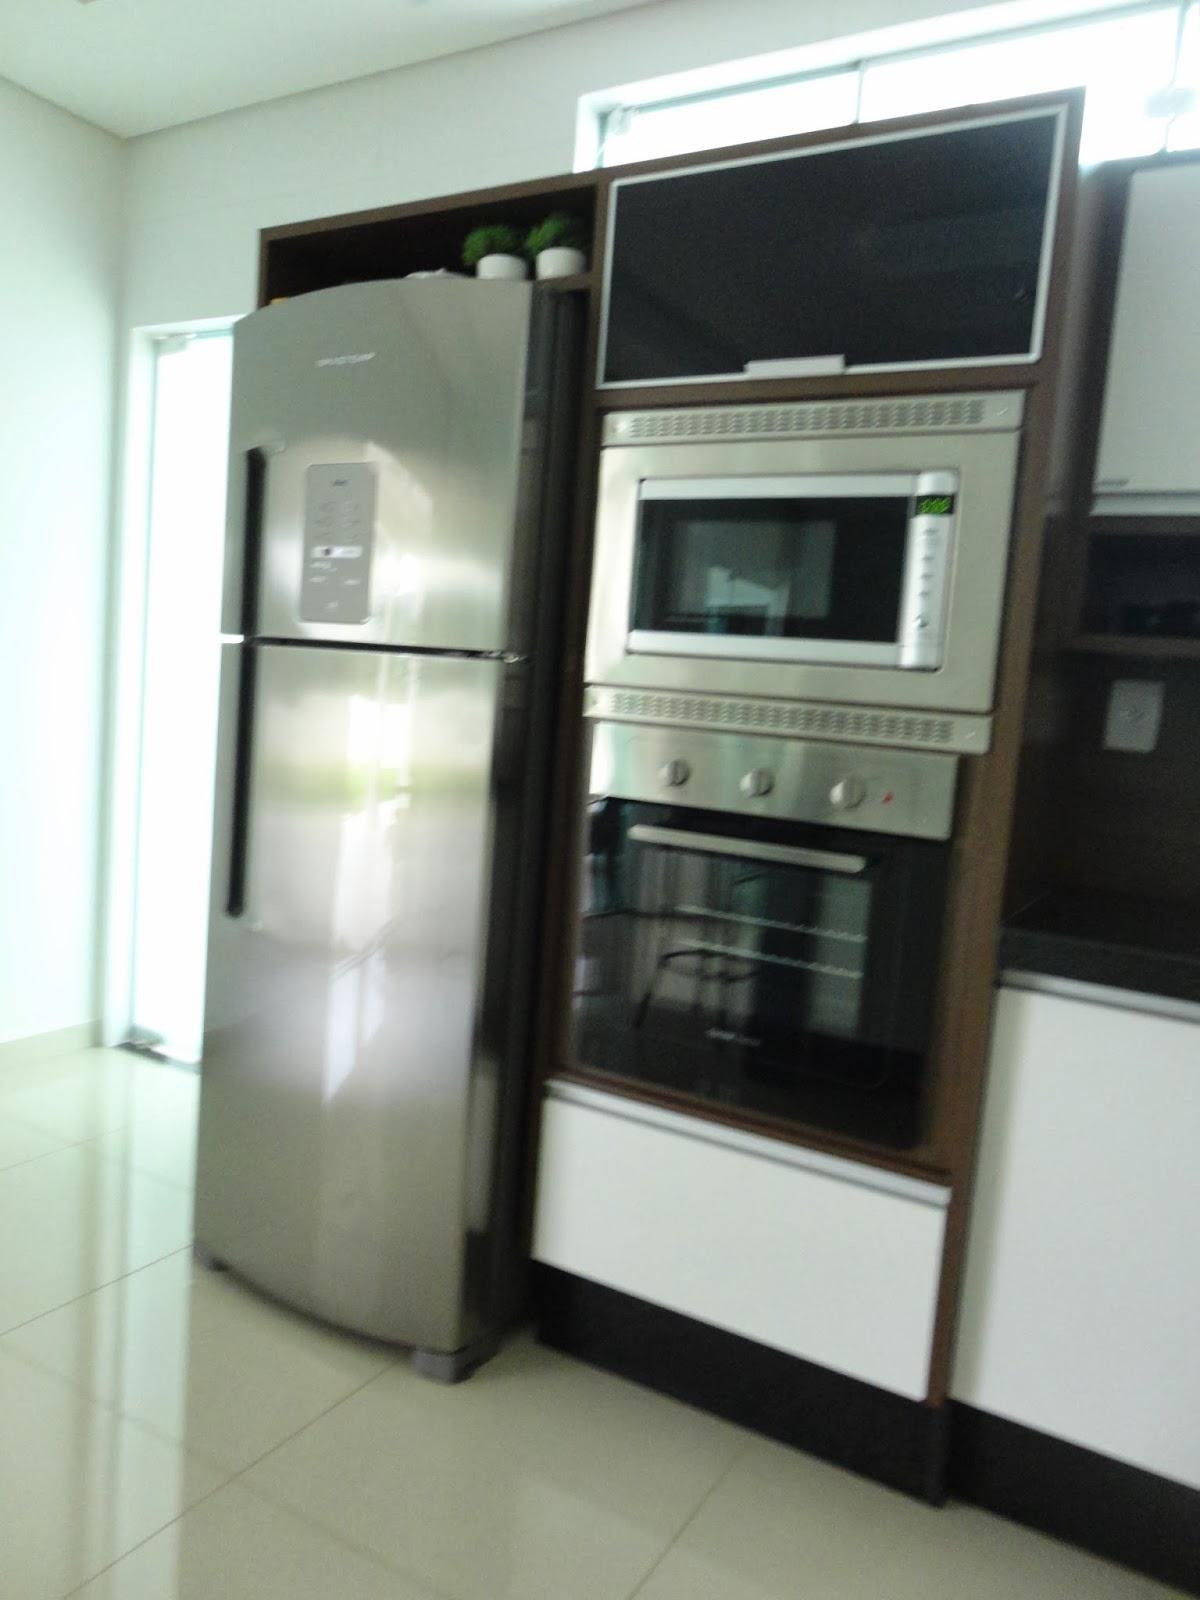 sonho : Cozinha Oi gente!Vim mostrar a cozinha na verdade gos  #587360 1200 1600